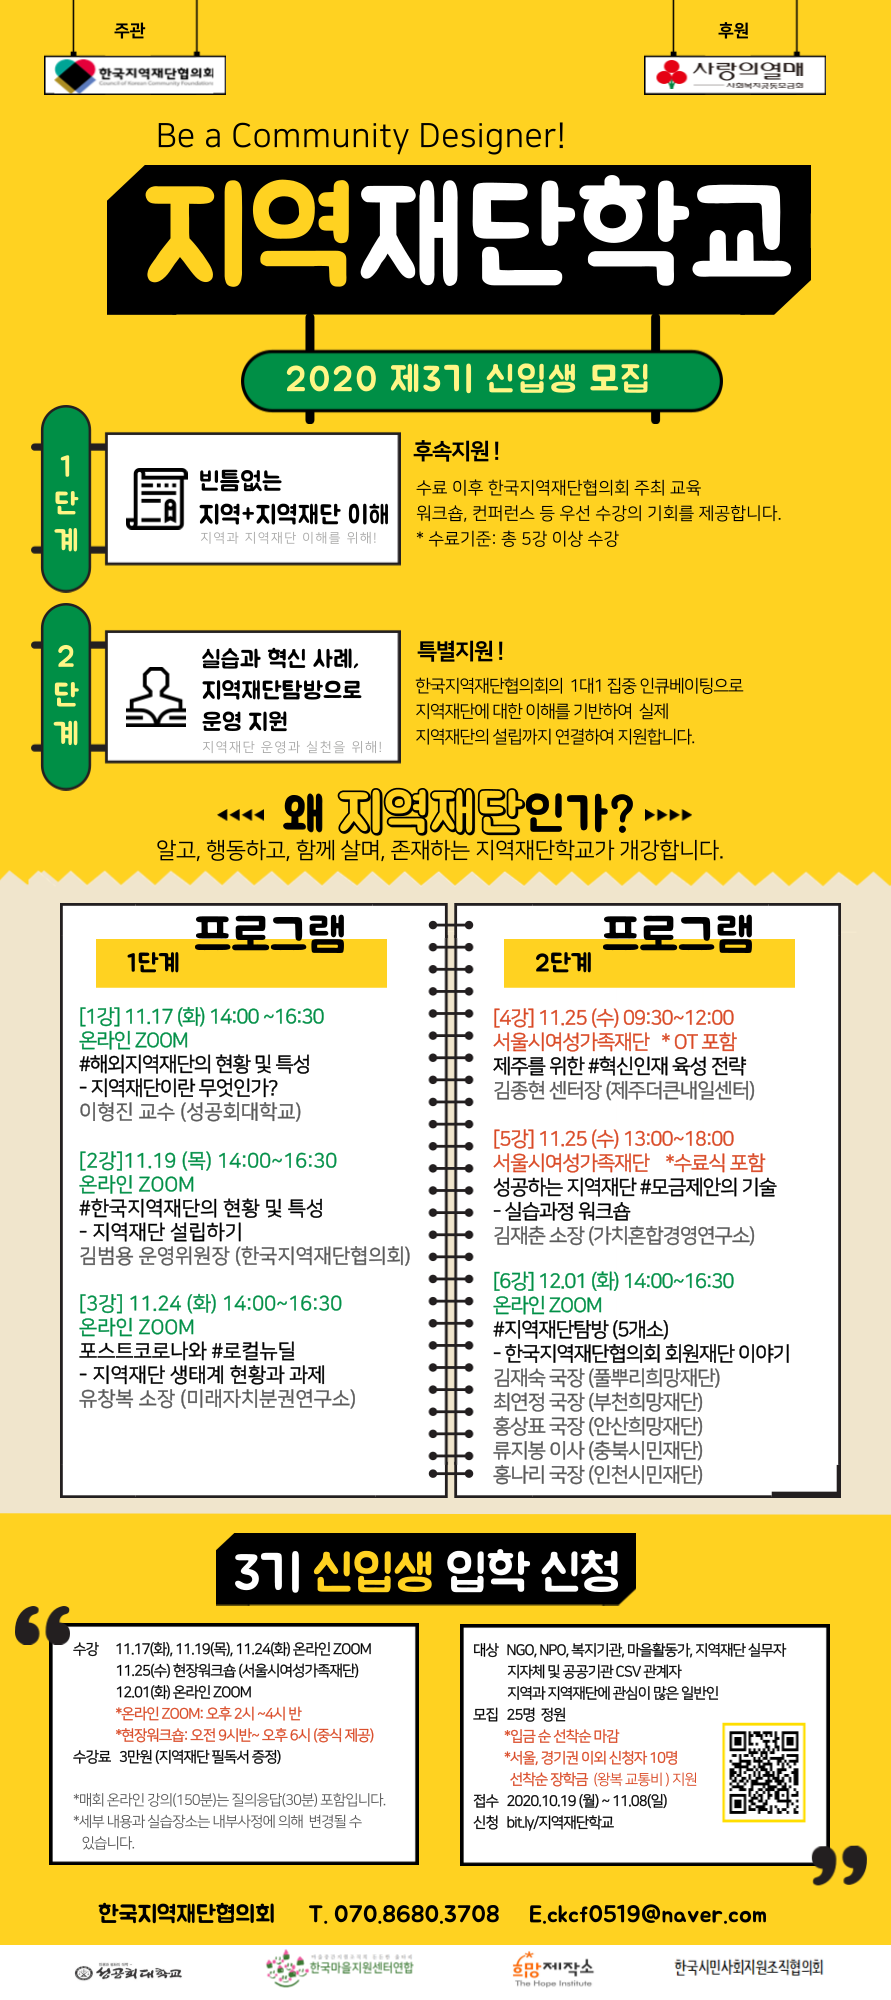 [안내] 한국지역재단협의회 | 2020 제 3기 지역재단학교 BE A COMMUNITY DESIGNER!